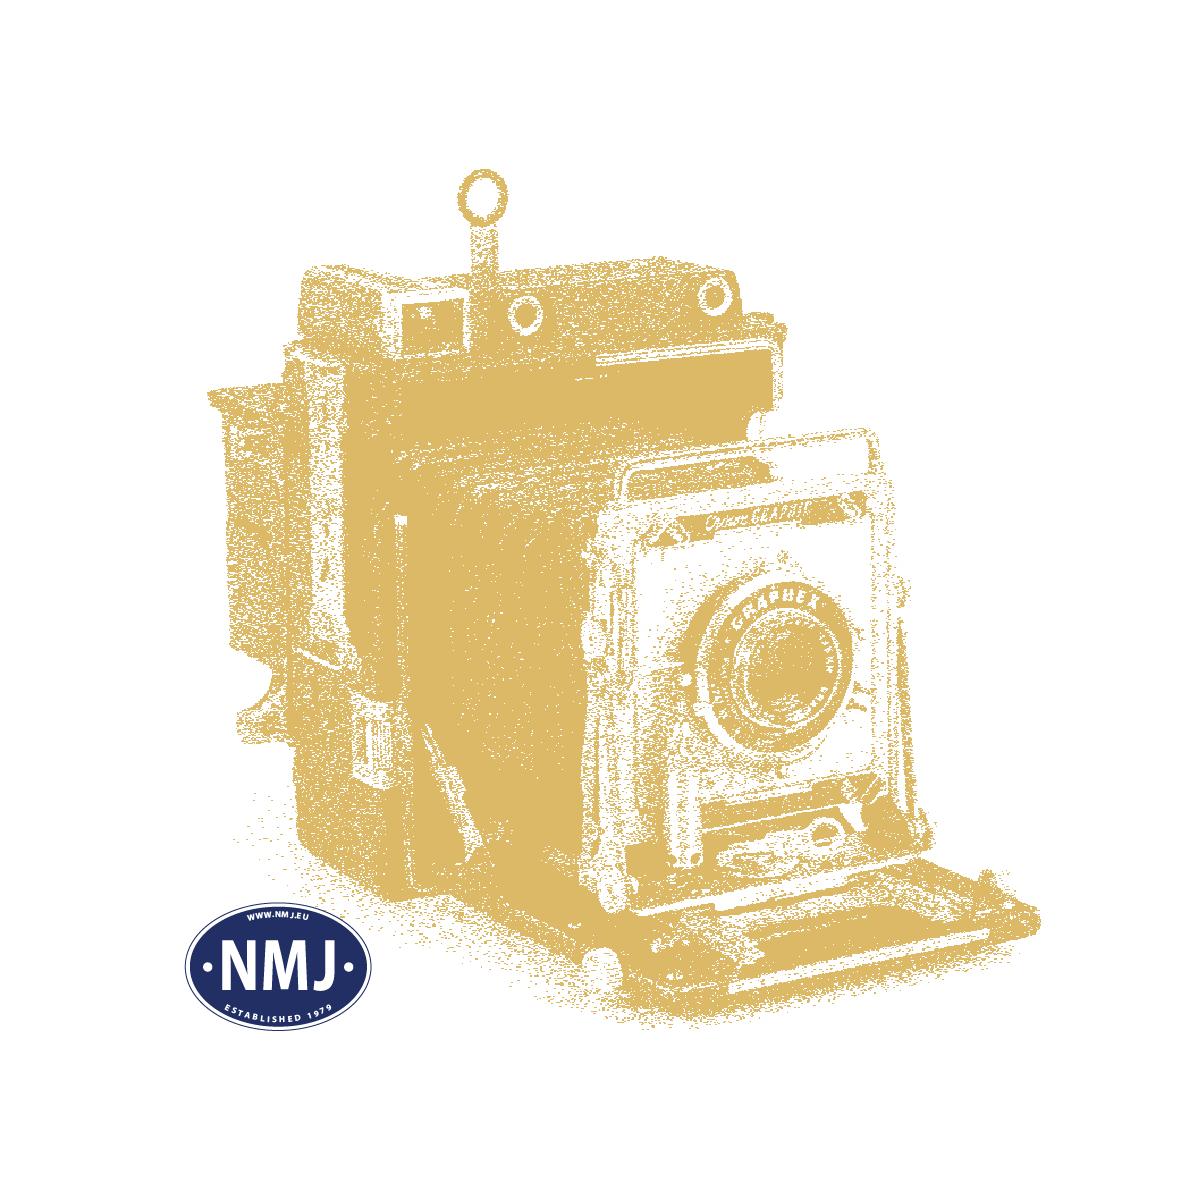 NMJT199.103 - NMJ Topline Stående Reisende, Sett #1